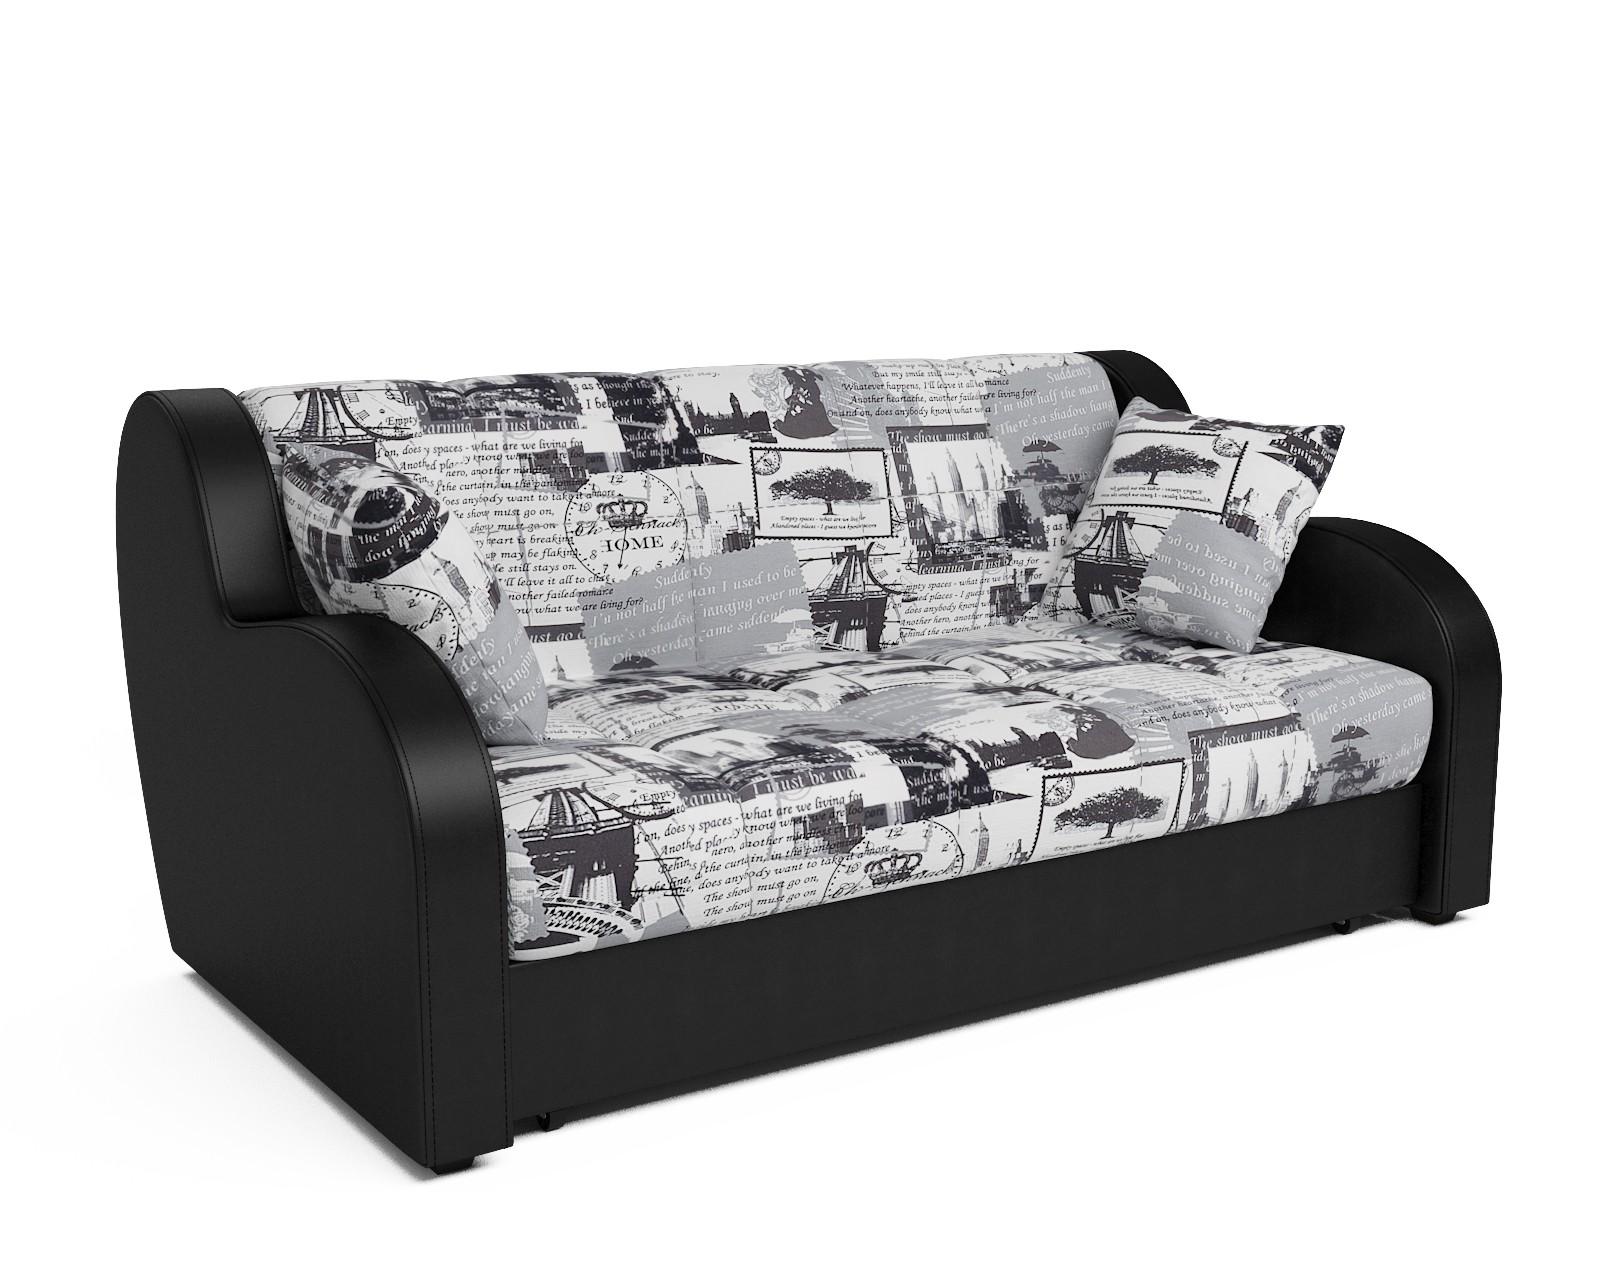 купить диван аккордеон барон газета недорого от производителя с